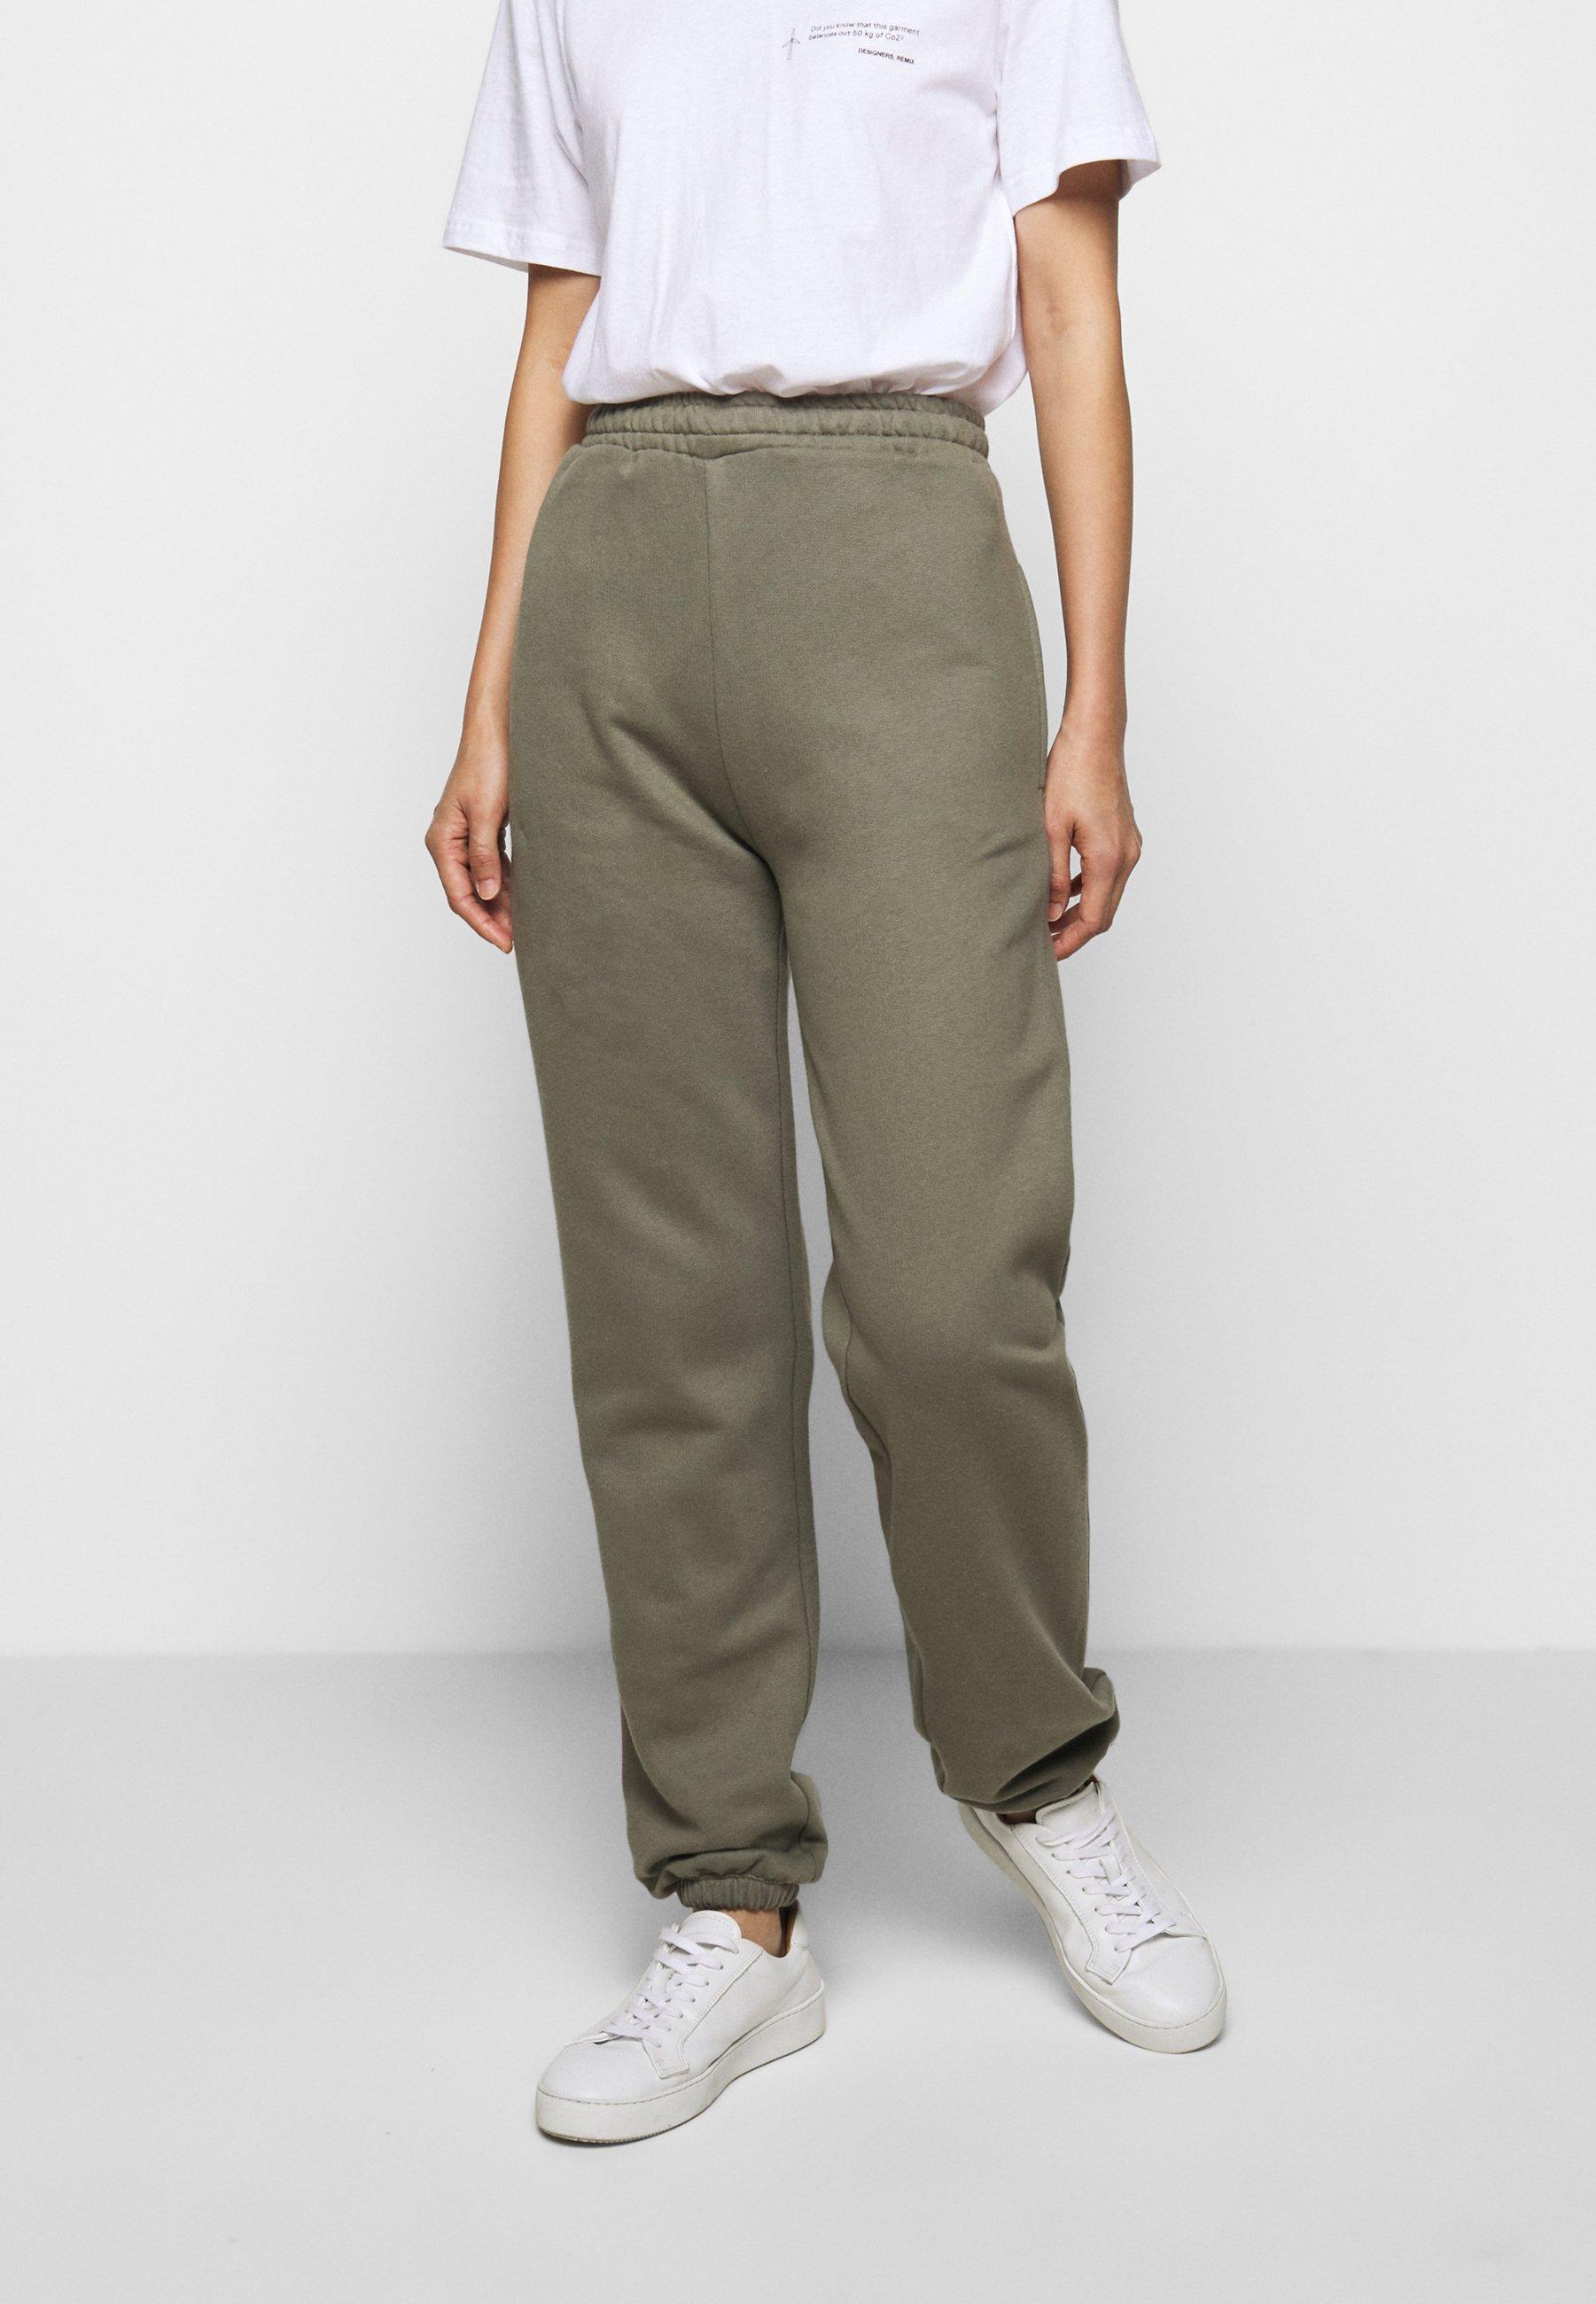 Femme PINE COSWE - Pantalon classique